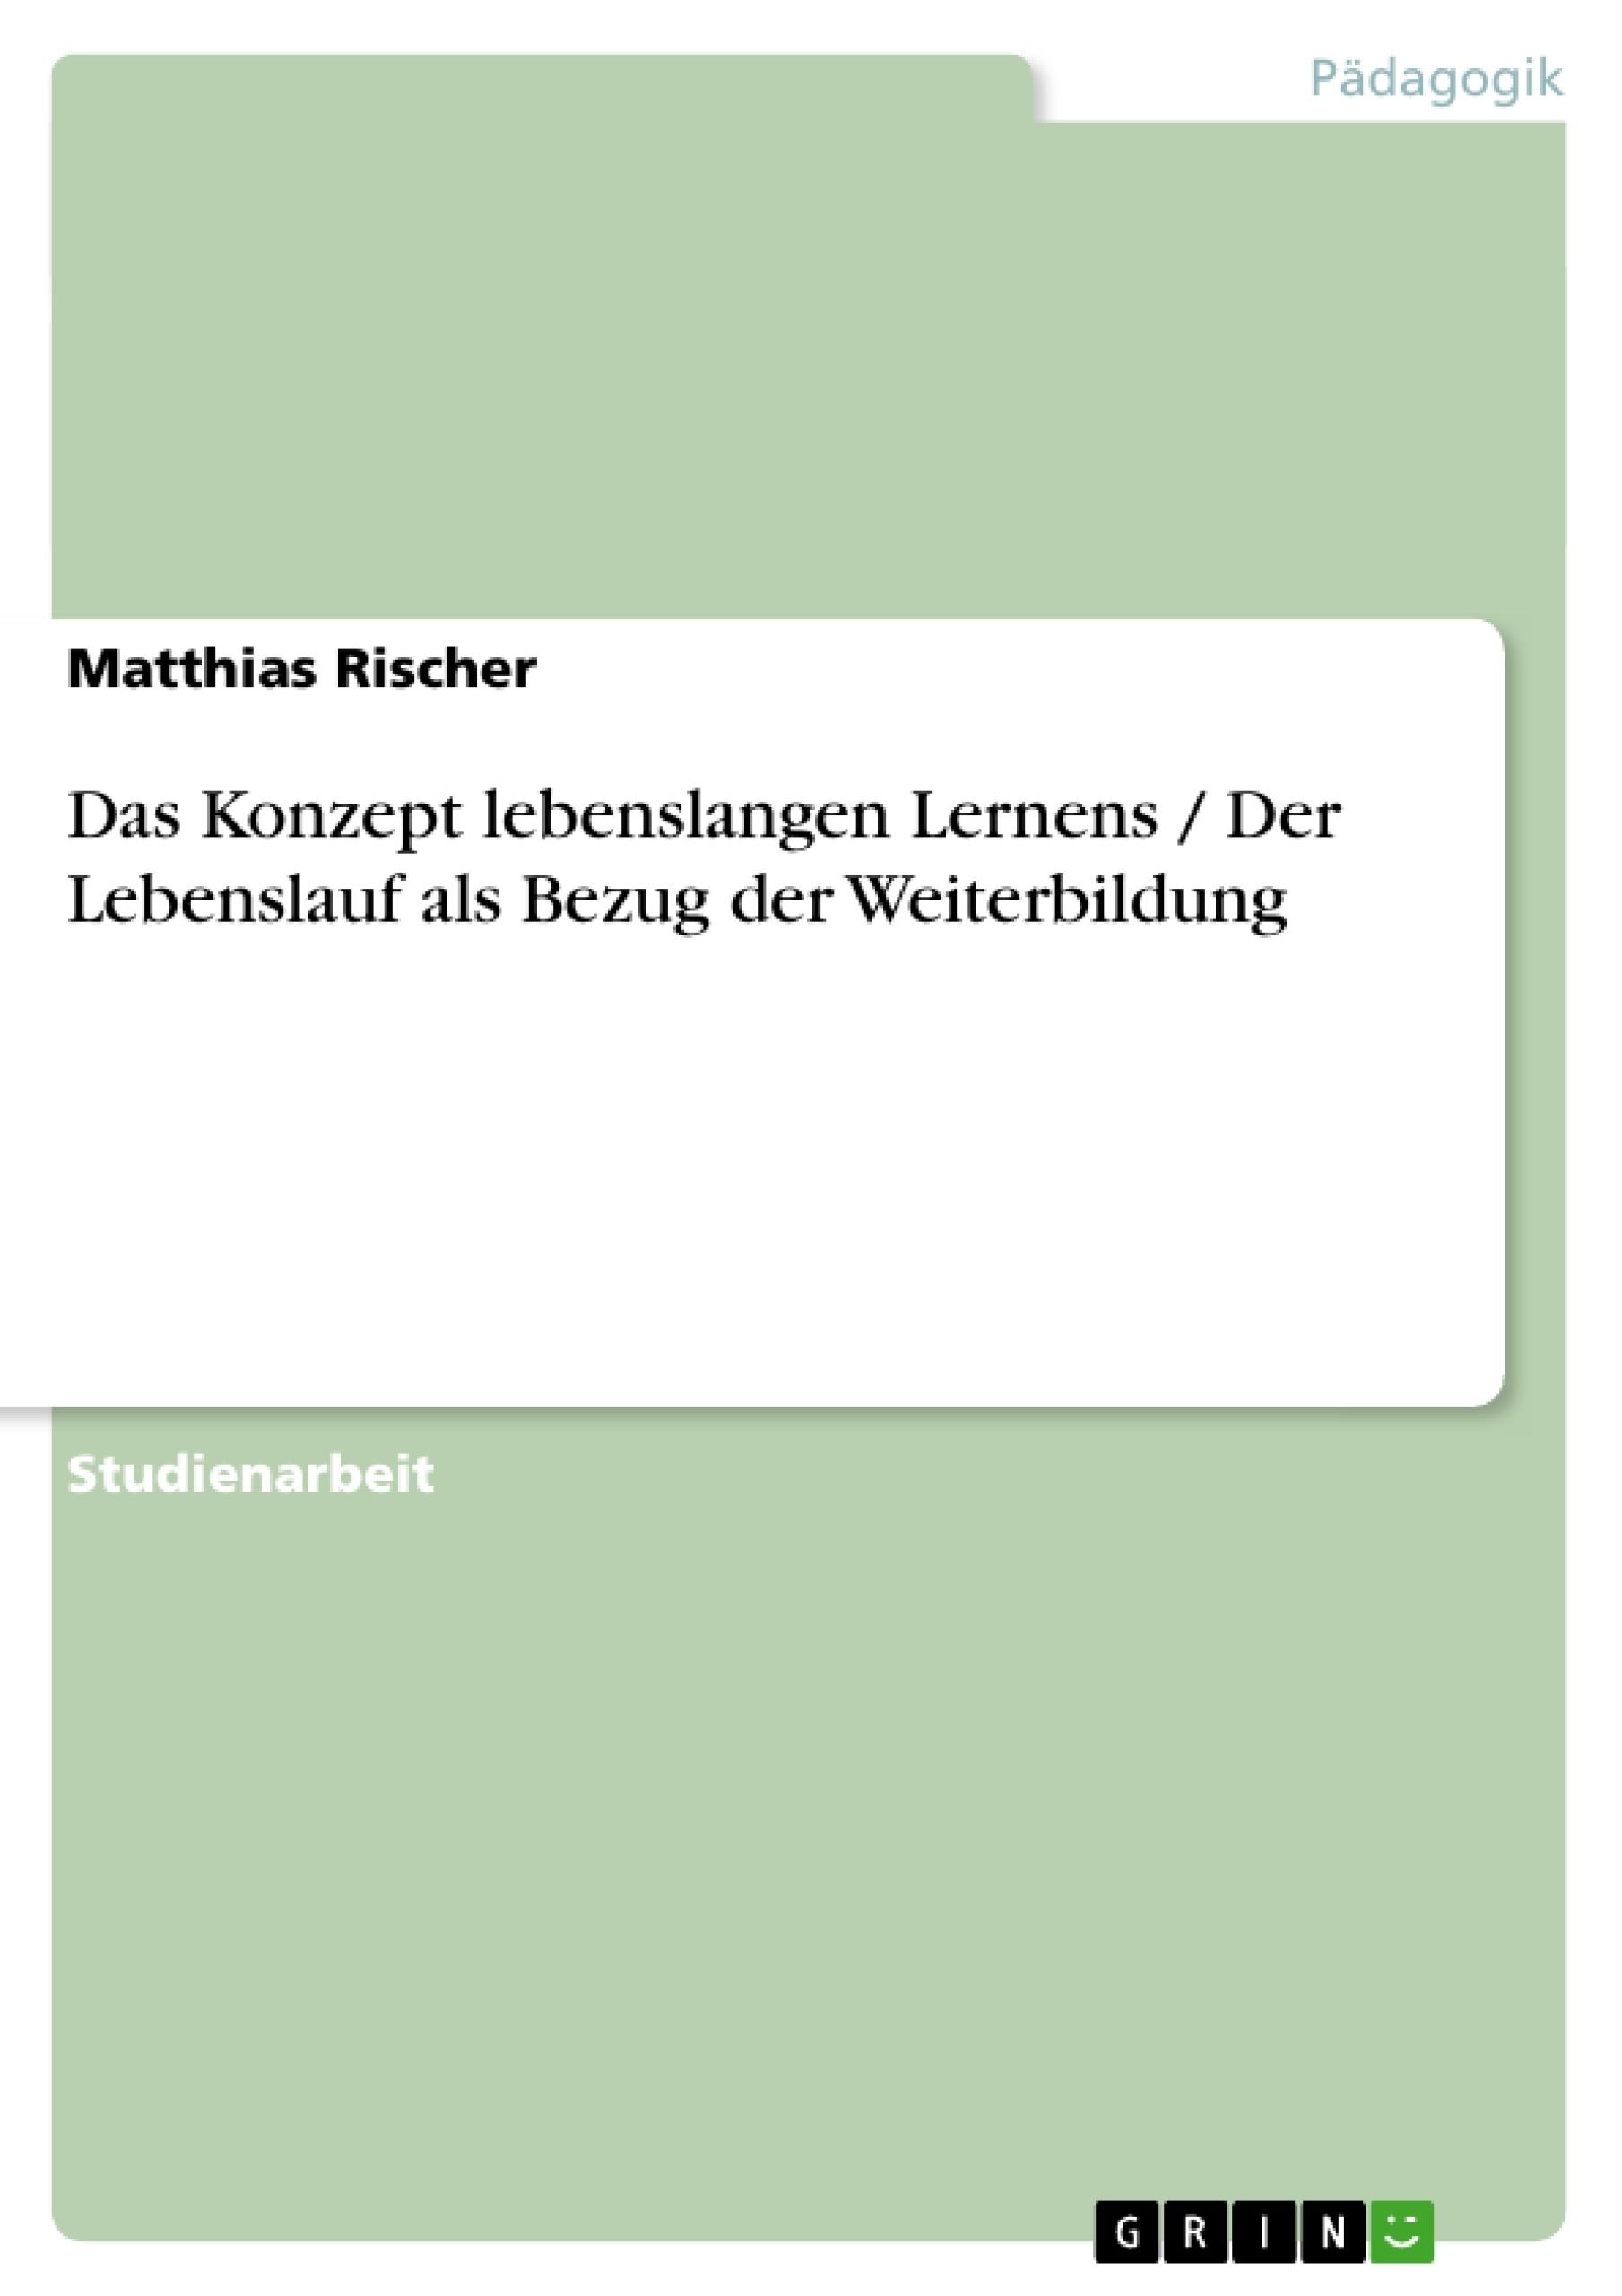 Titel: Das Konzept lebenslangen Lernens / Der Lebenslauf als Bezug der Weiterbildung